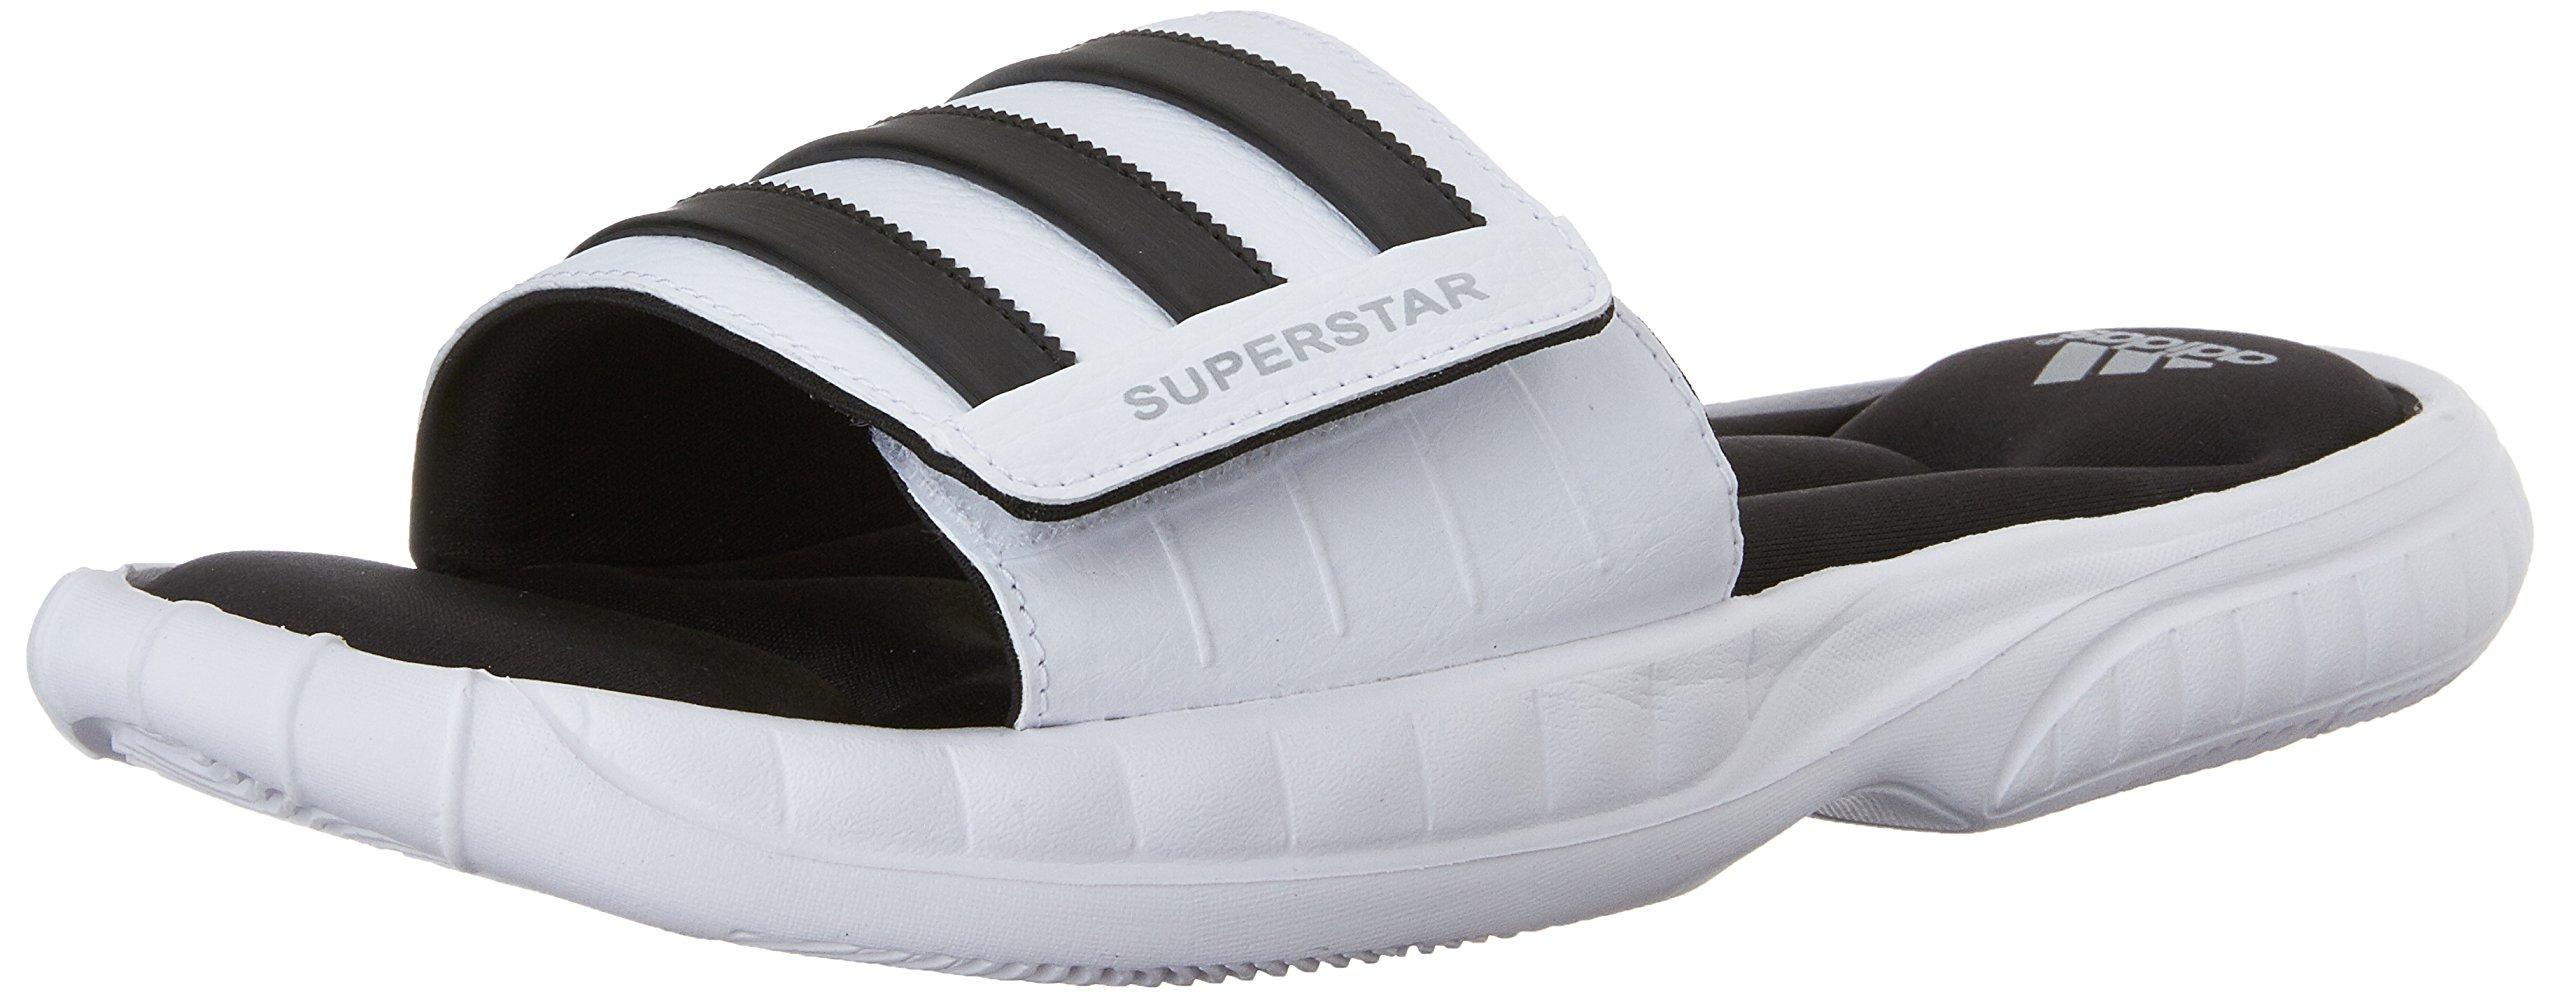 a27bbae4bed8 adidas Performance Men s Superstar 3G Slide Sandal